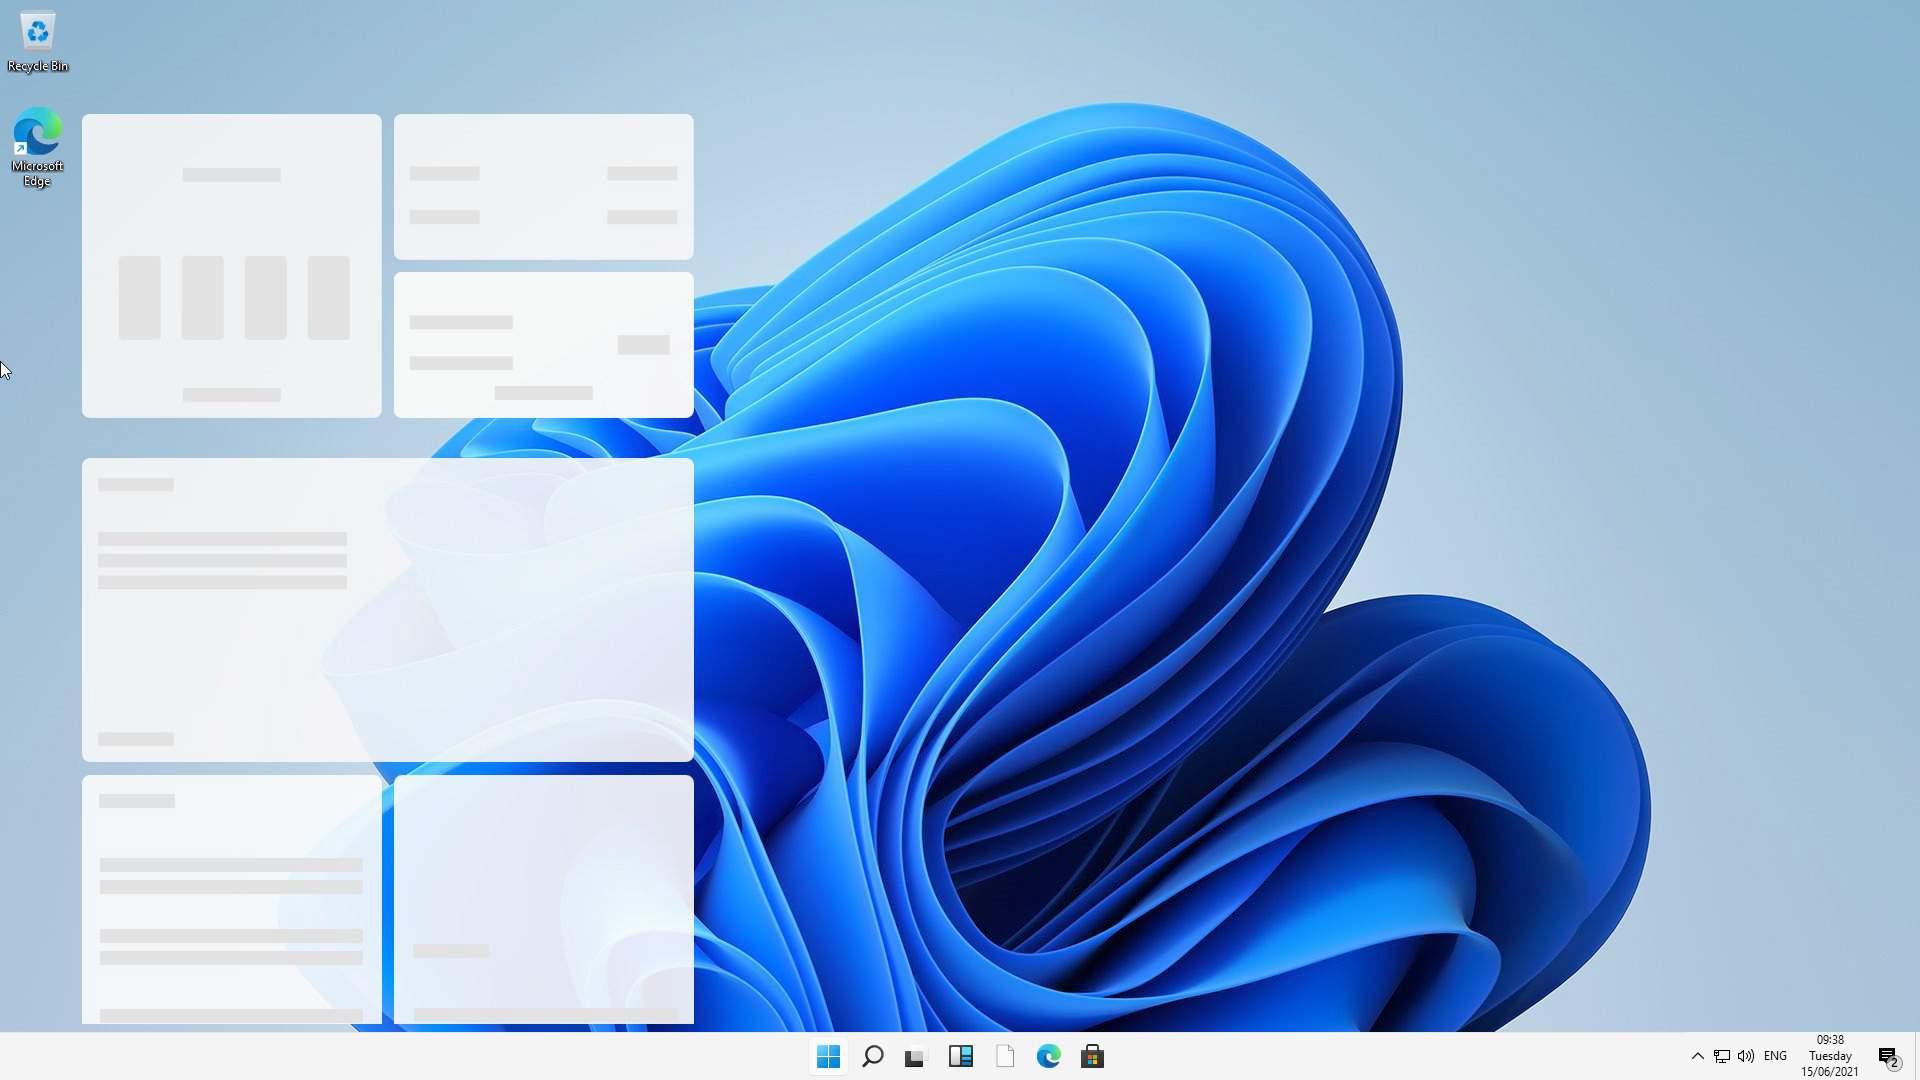 Железные намеки: что Microsoft может показать вместе с Windows 11 | Статьи  | Известия